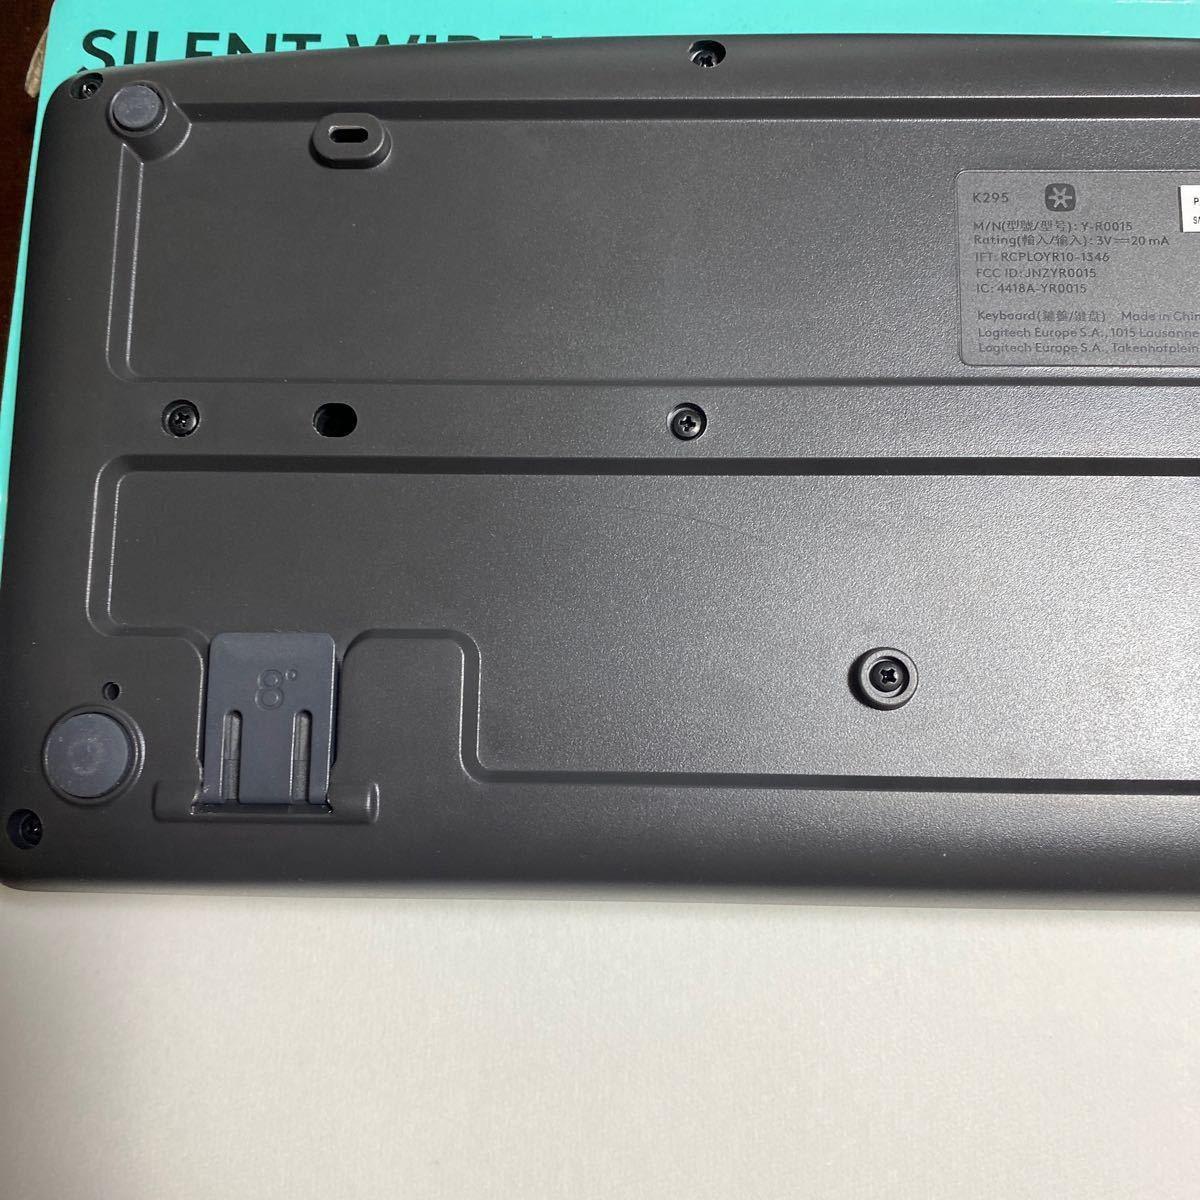 【ほぼ未使用】ロジクール ワイヤレスキーボード K295GP 静音 防水 無線